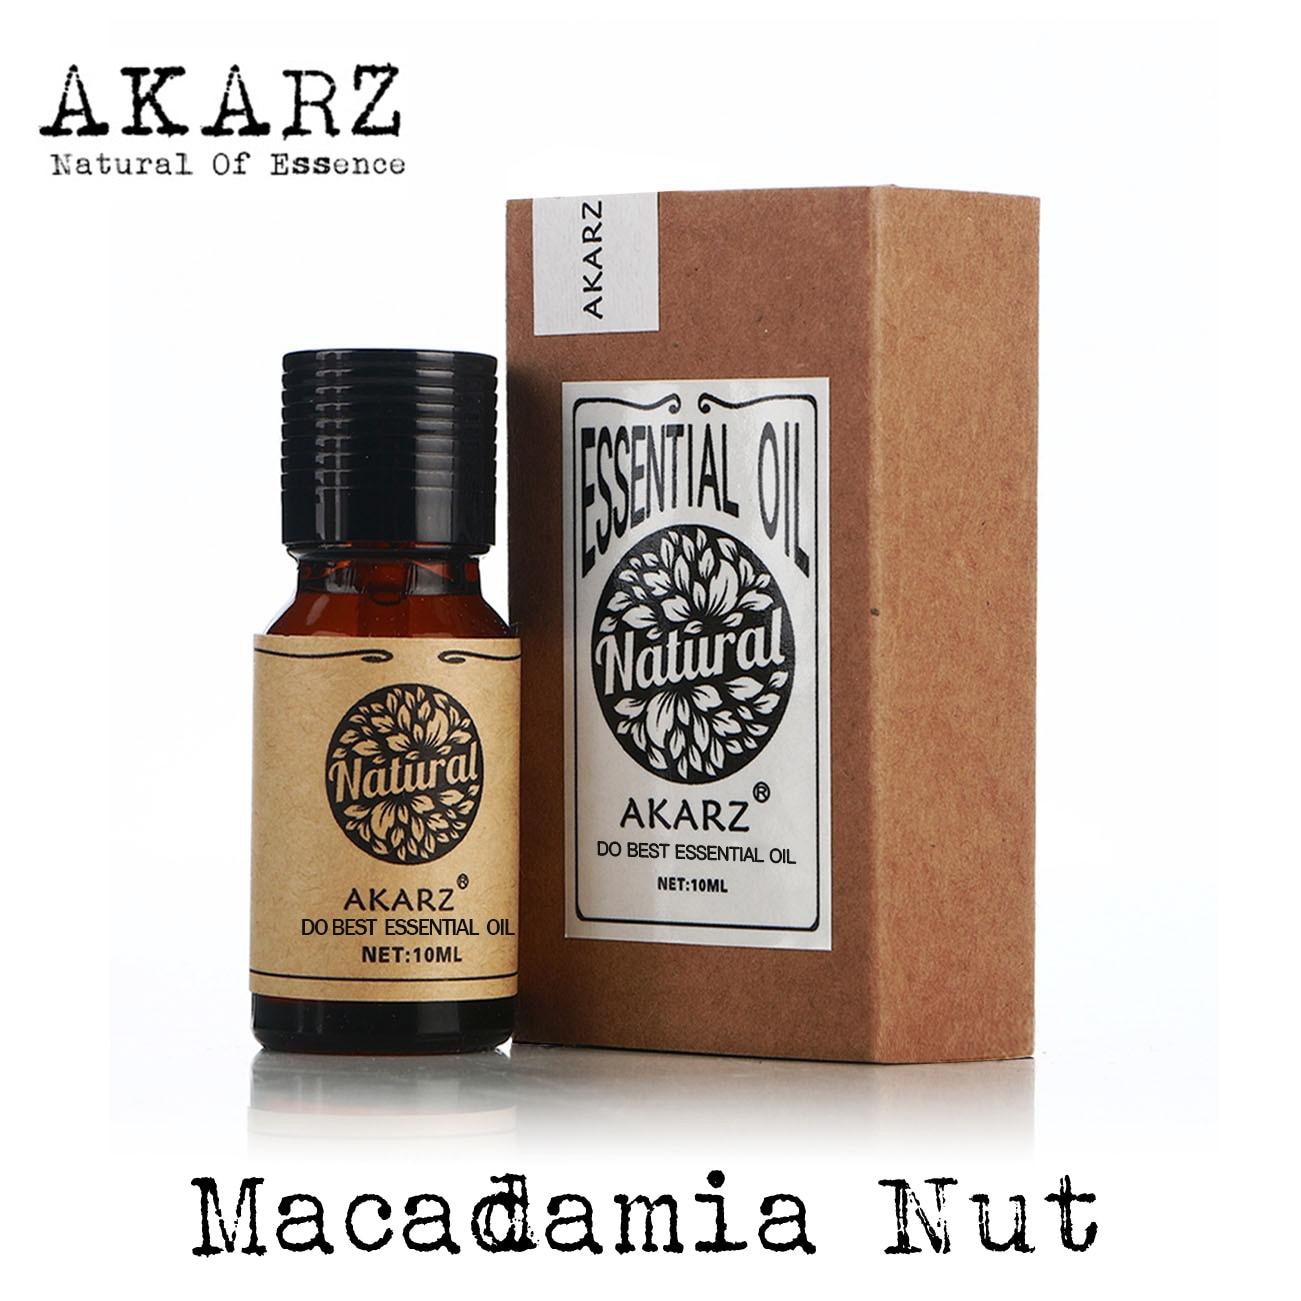 AKARZ Célèbre marque naturel noix de Macadamia Huile Essentielle Anti-vieillissement Promouvoir le métabolisme de la peau pour améliorer la peau huile De noix de Macadamia